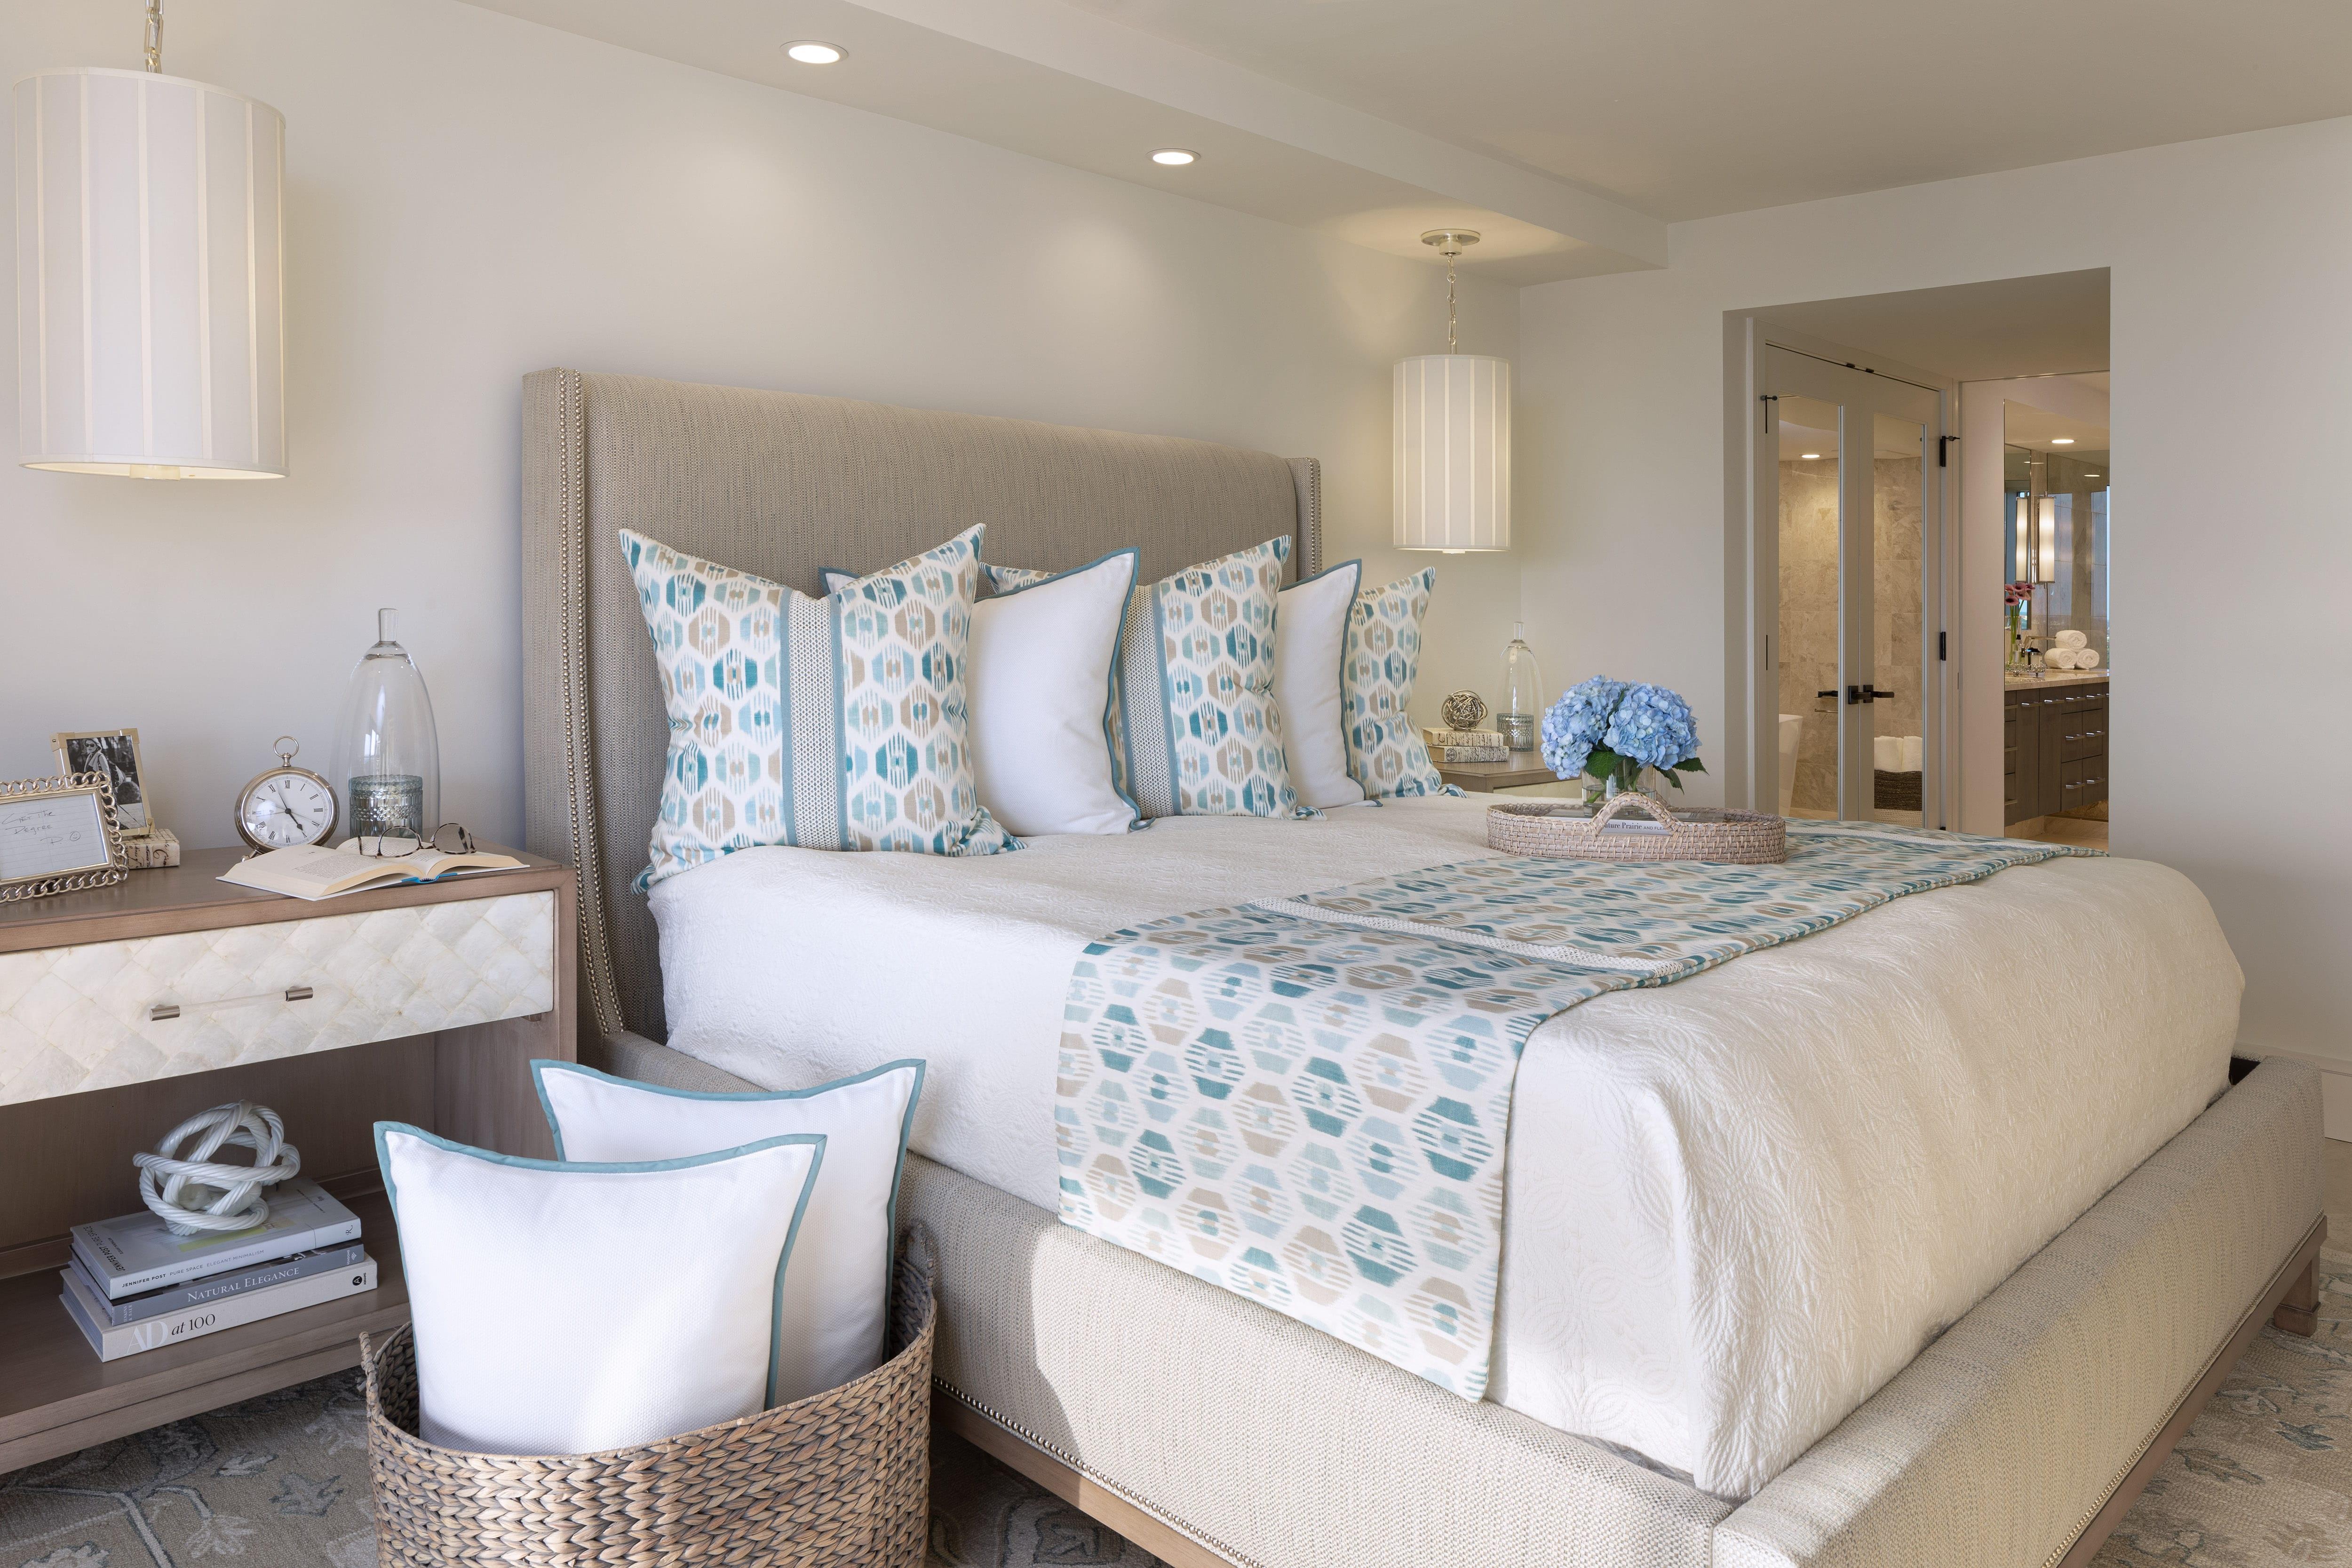 St. Pierre Condo Remodel Master Bedroom